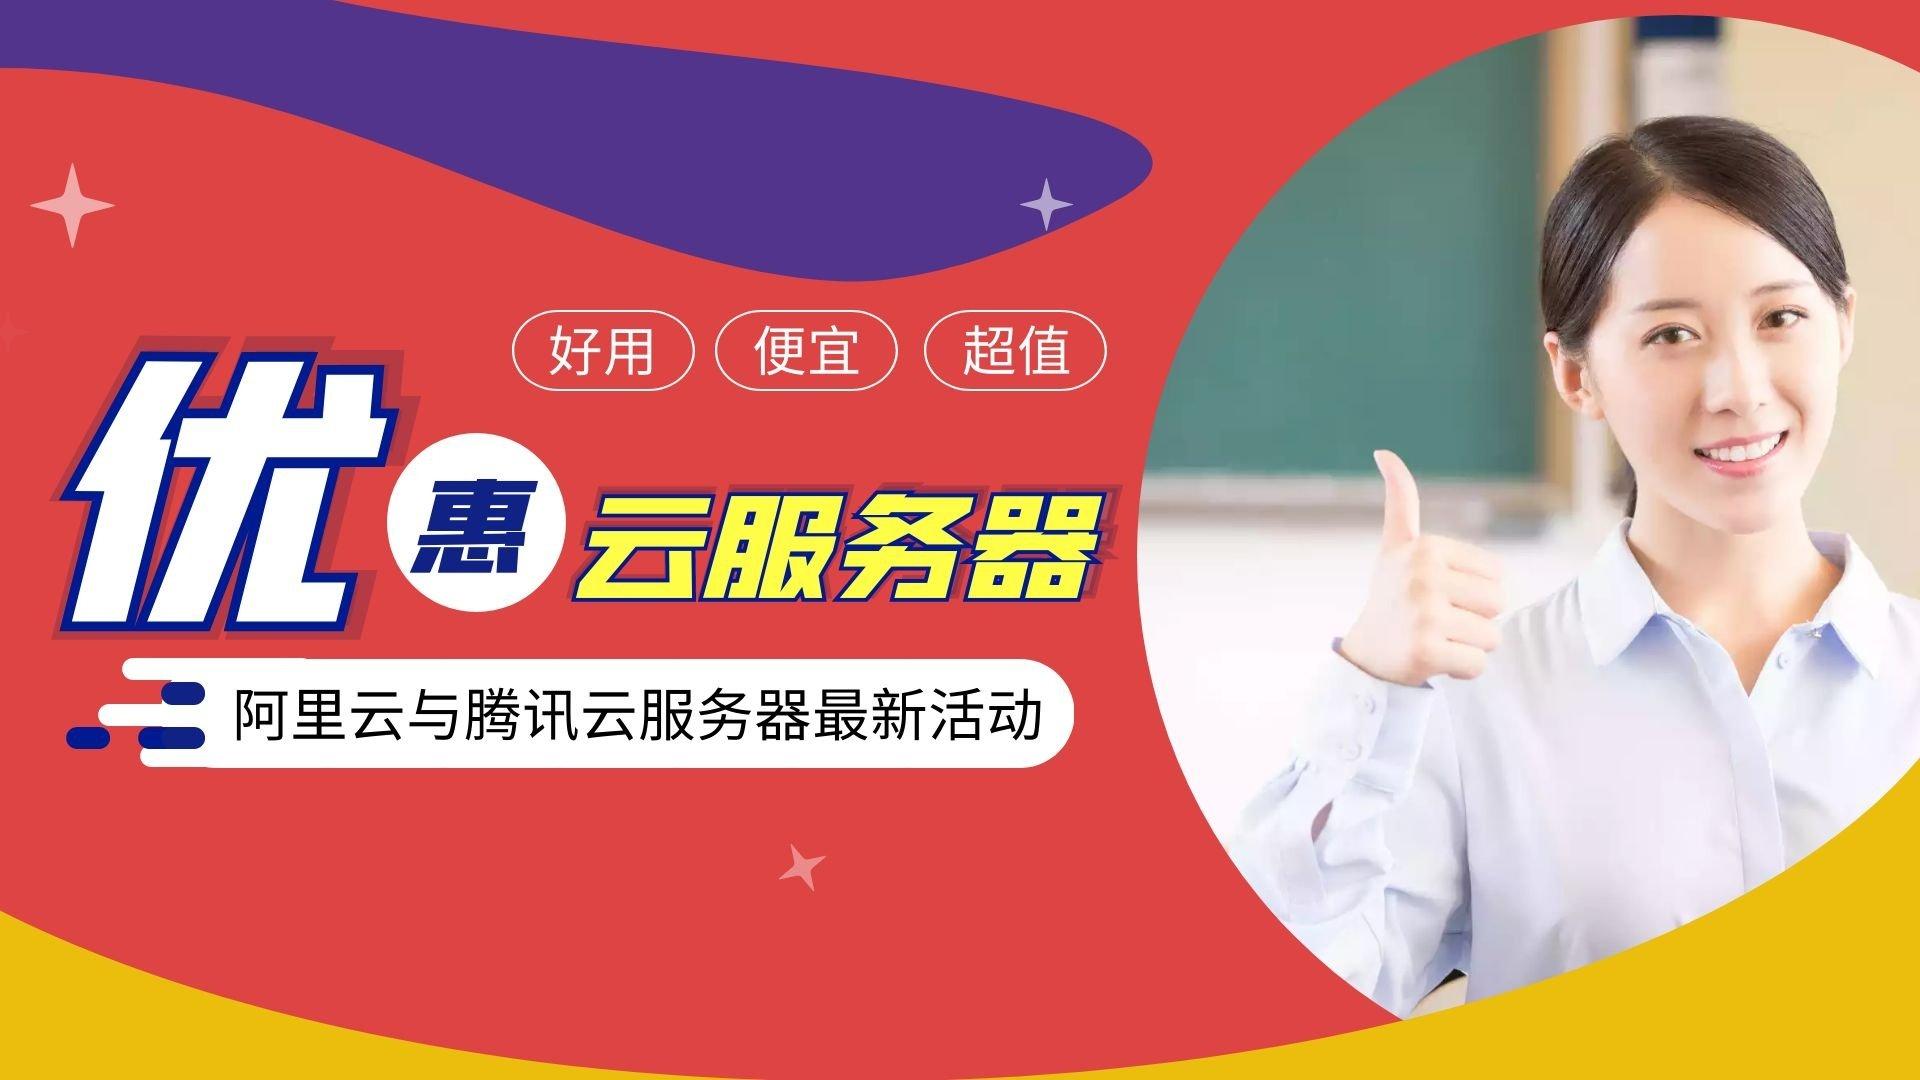 便宜云服务器丨2021年5月阿里云与腾讯云最新活动